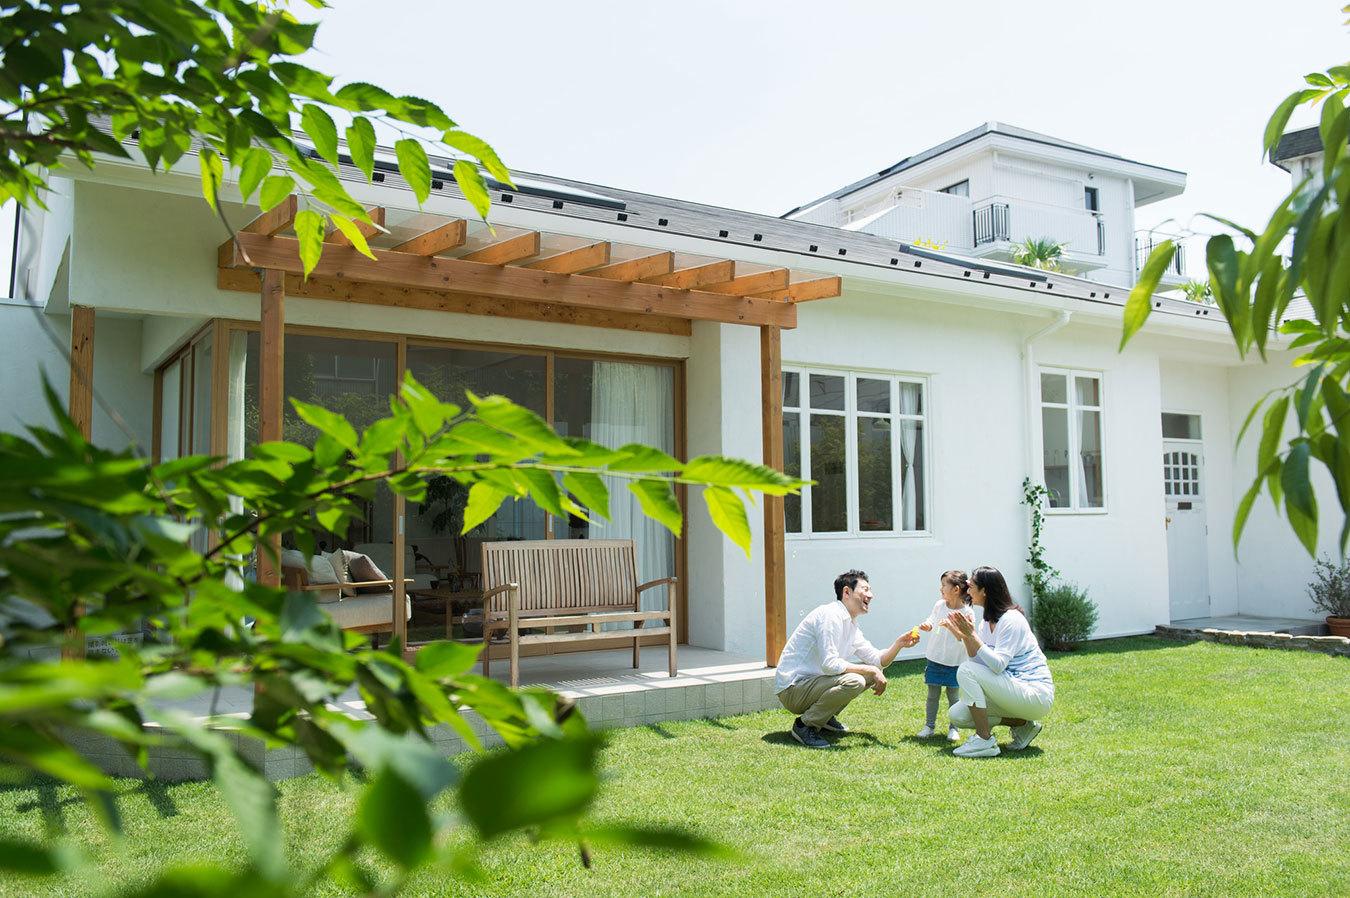 最新リフォーム技術で中古住宅を「未来」の住宅に!これからの住まいの選び方